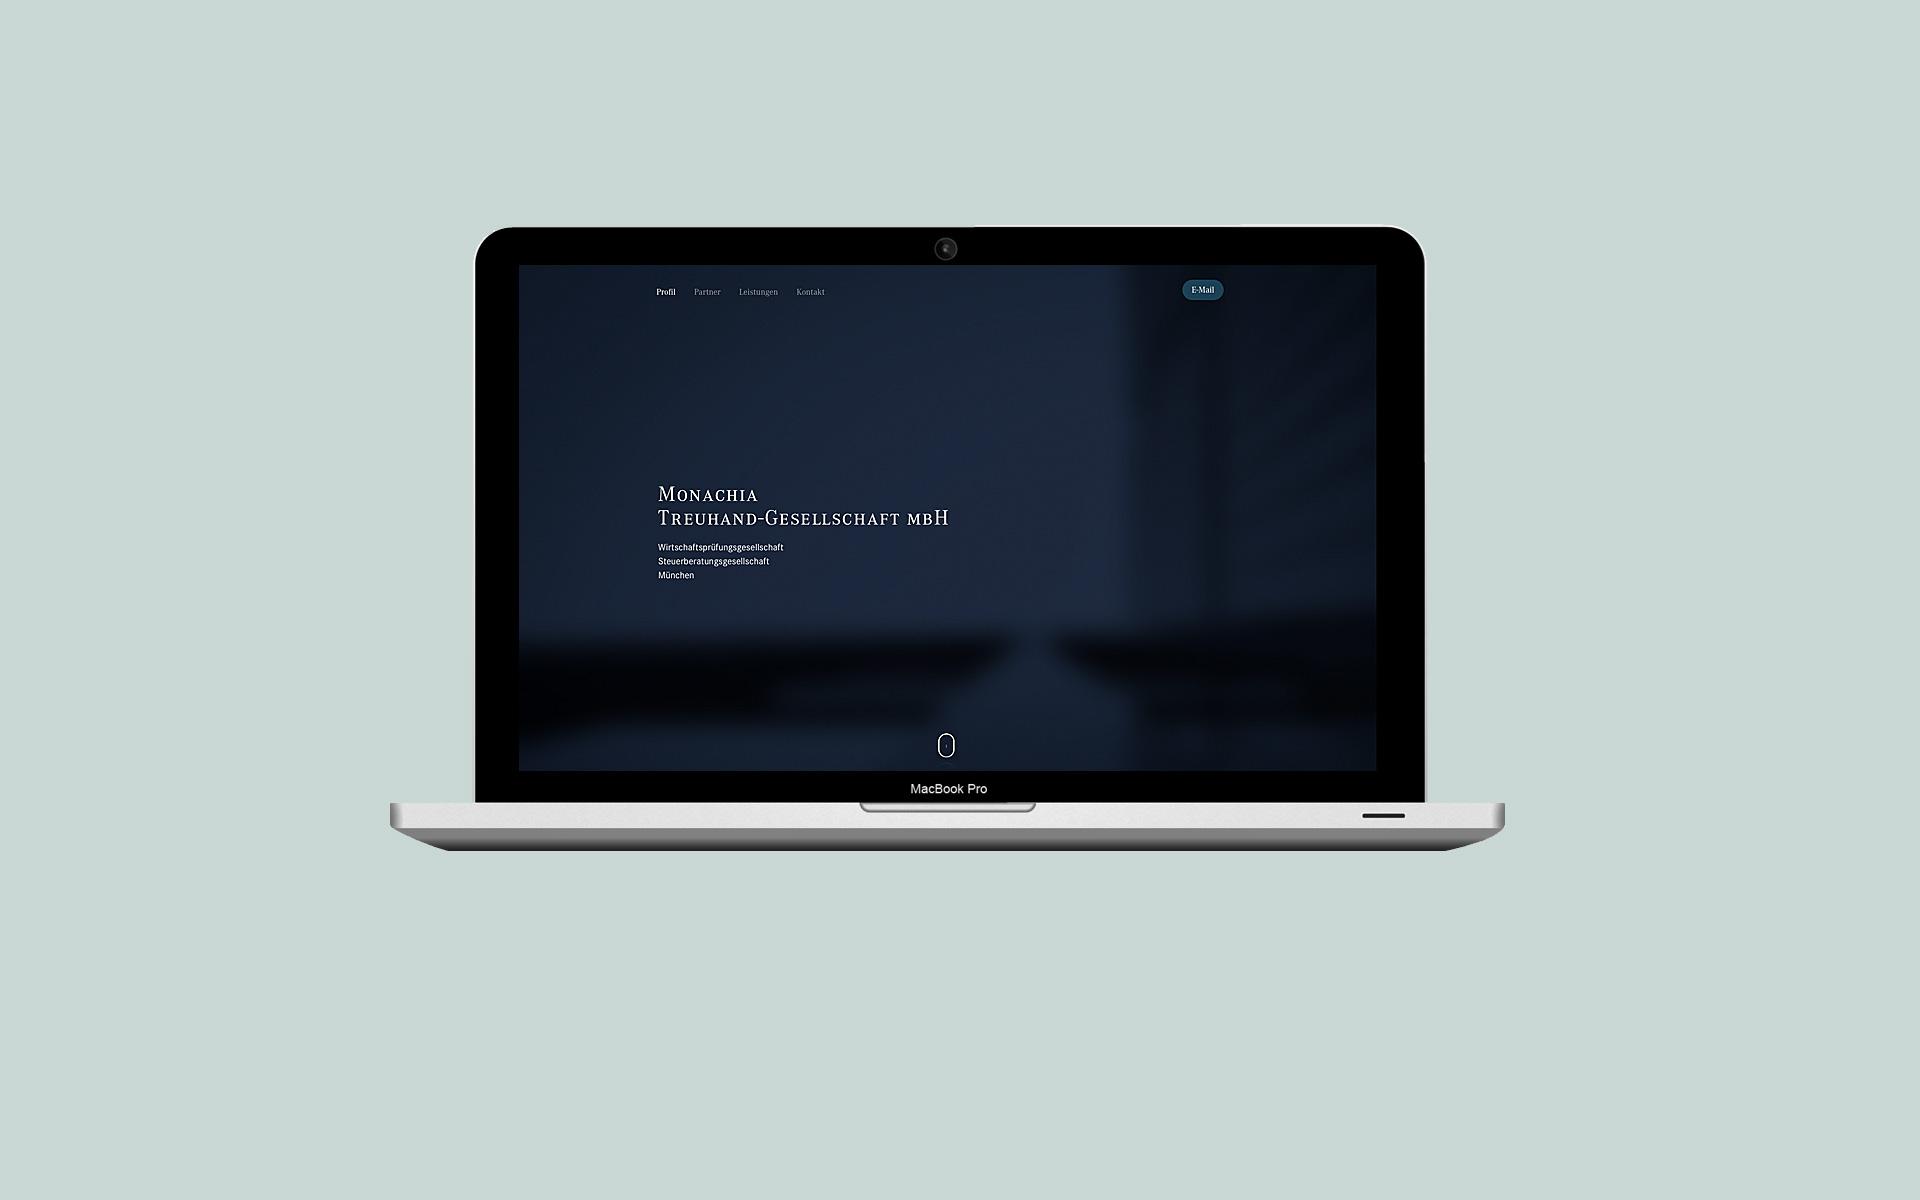 Monachia Treuhand Wirtschaftsprüfungsgesellschaft, Responsive One-Page-Website (MacBook).